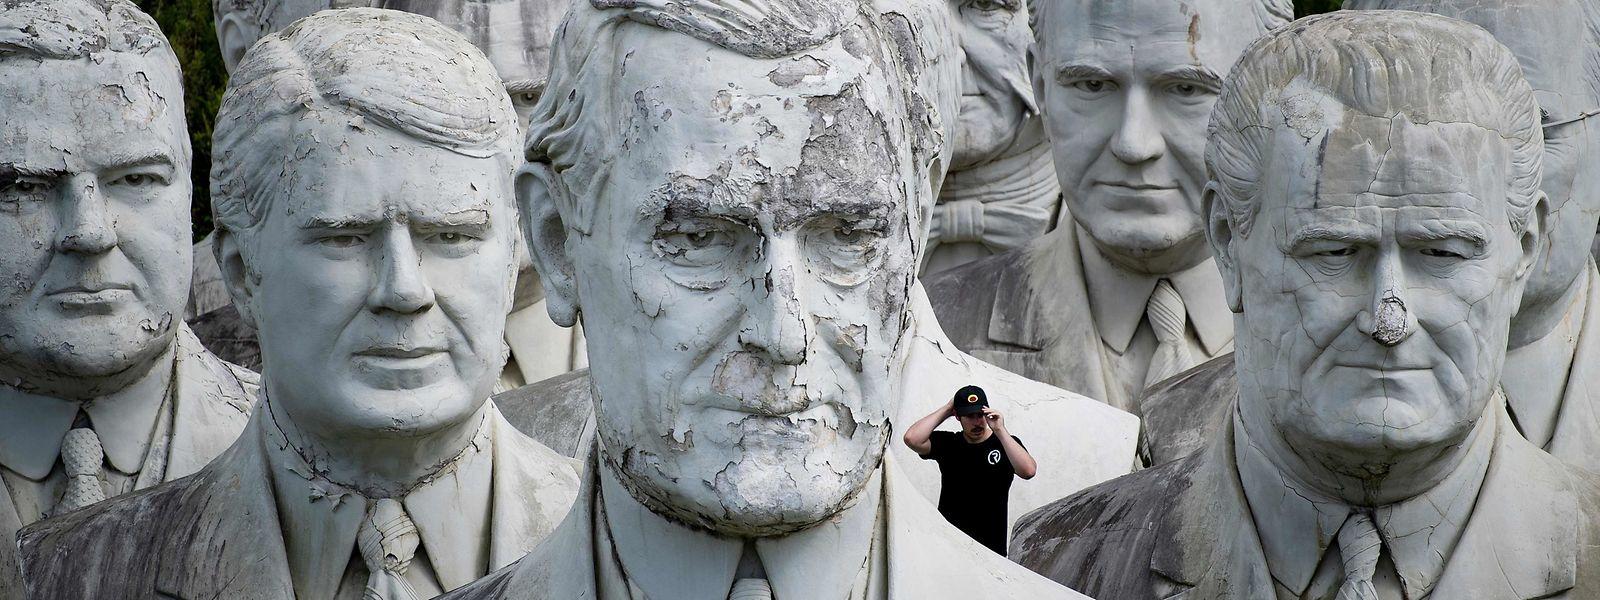 Toute l'histoire des États-Unis tient dans ses bustes sauvés de la destruction par Howard Hankins.